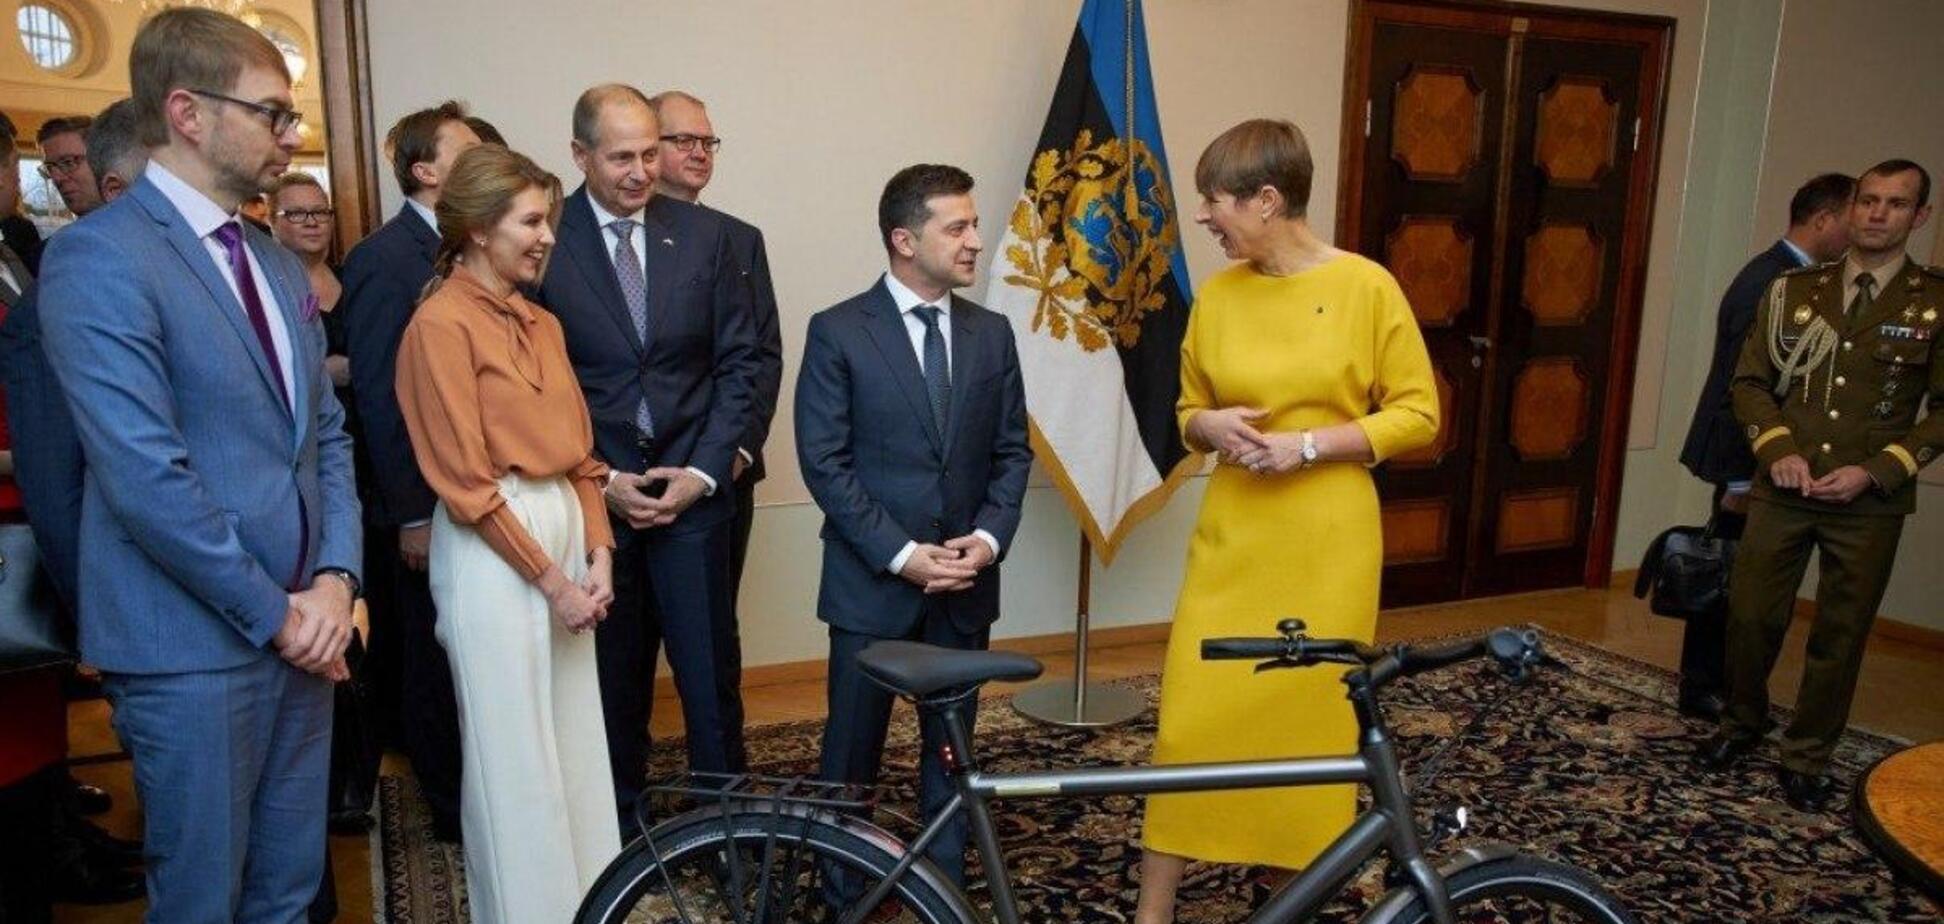 Зеленский рассказал, почему пока не ездит на велосипеде